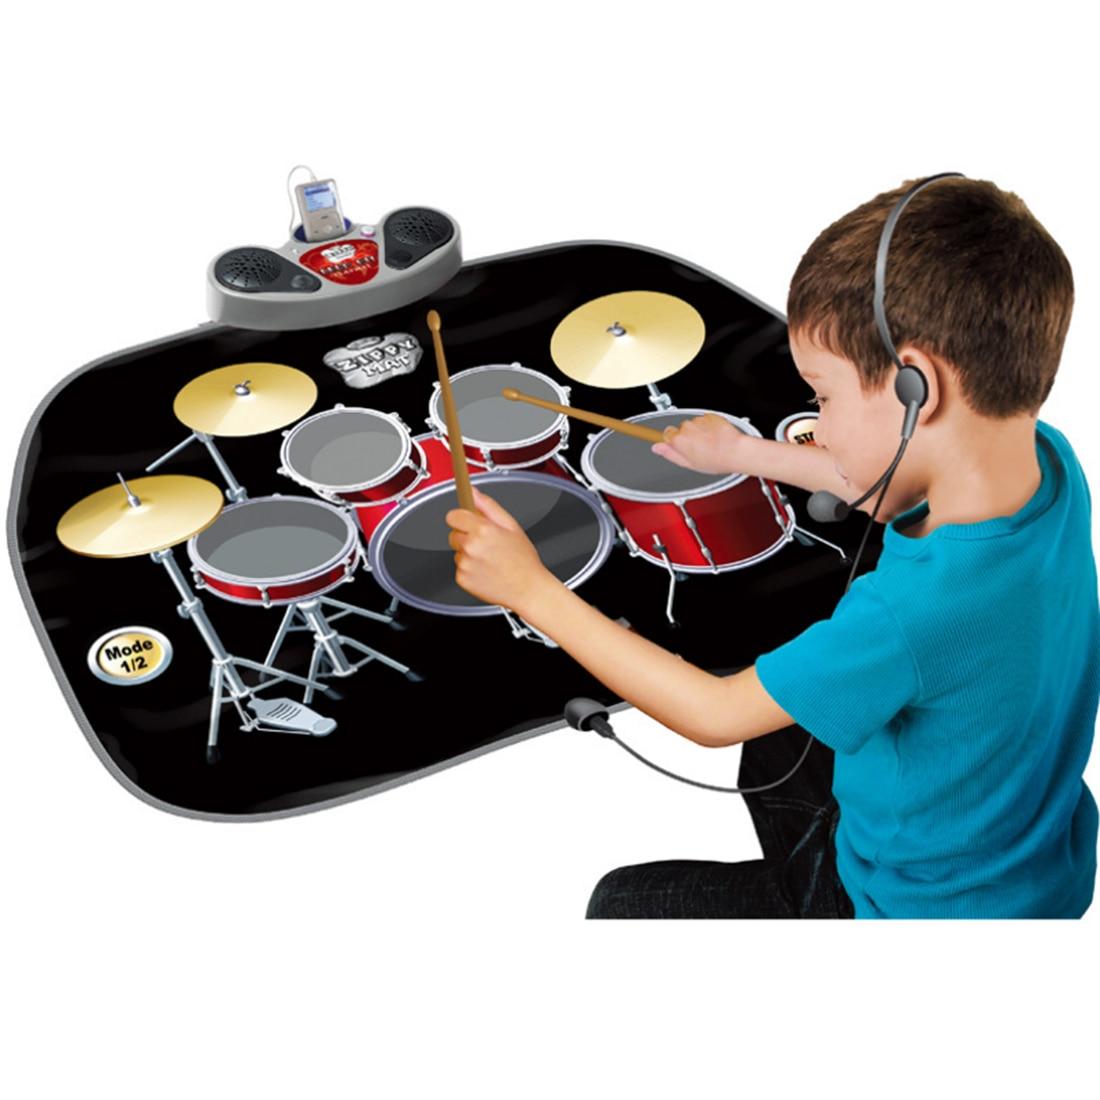 Surwish enfants début Instrument de musique éducatif multi-fonction développement de l'intelligence tambour jouet Set couverture pour les enfants